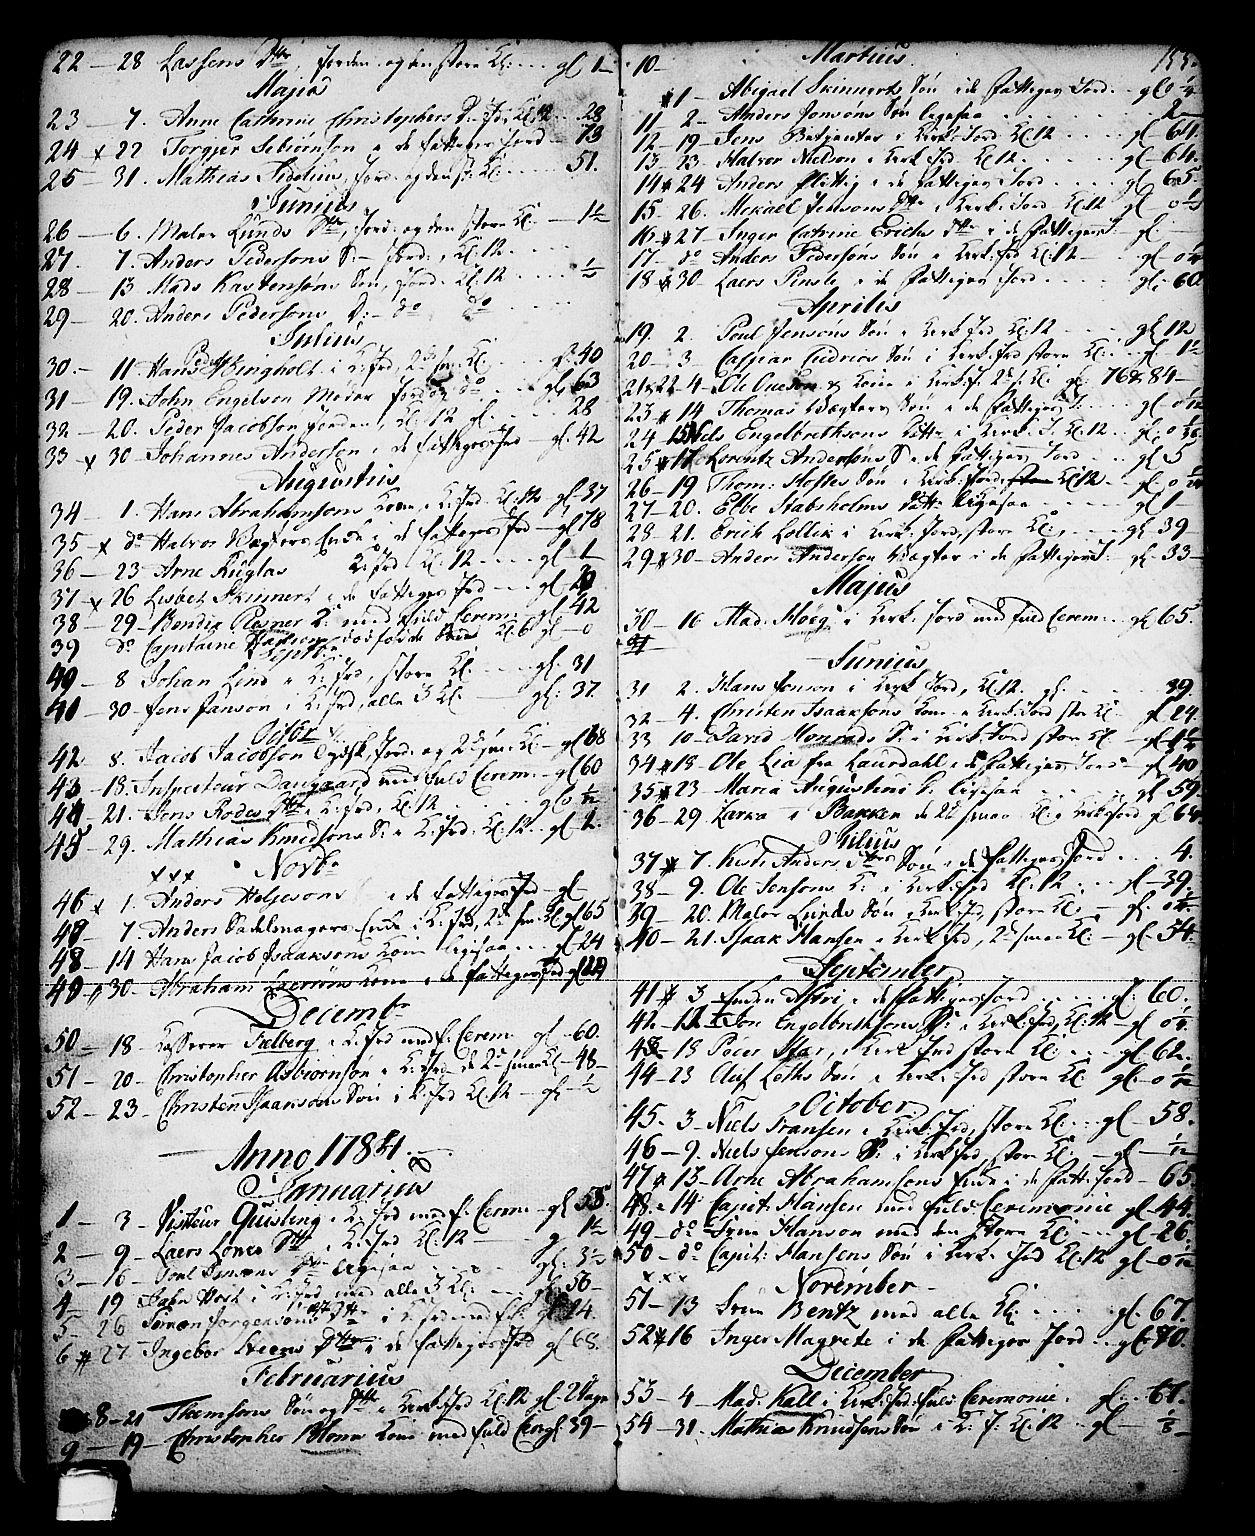 SAKO, Skien kirkebøker, G/Ga/L0001: Klokkerbok nr. 1, 1756-1791, s. 155